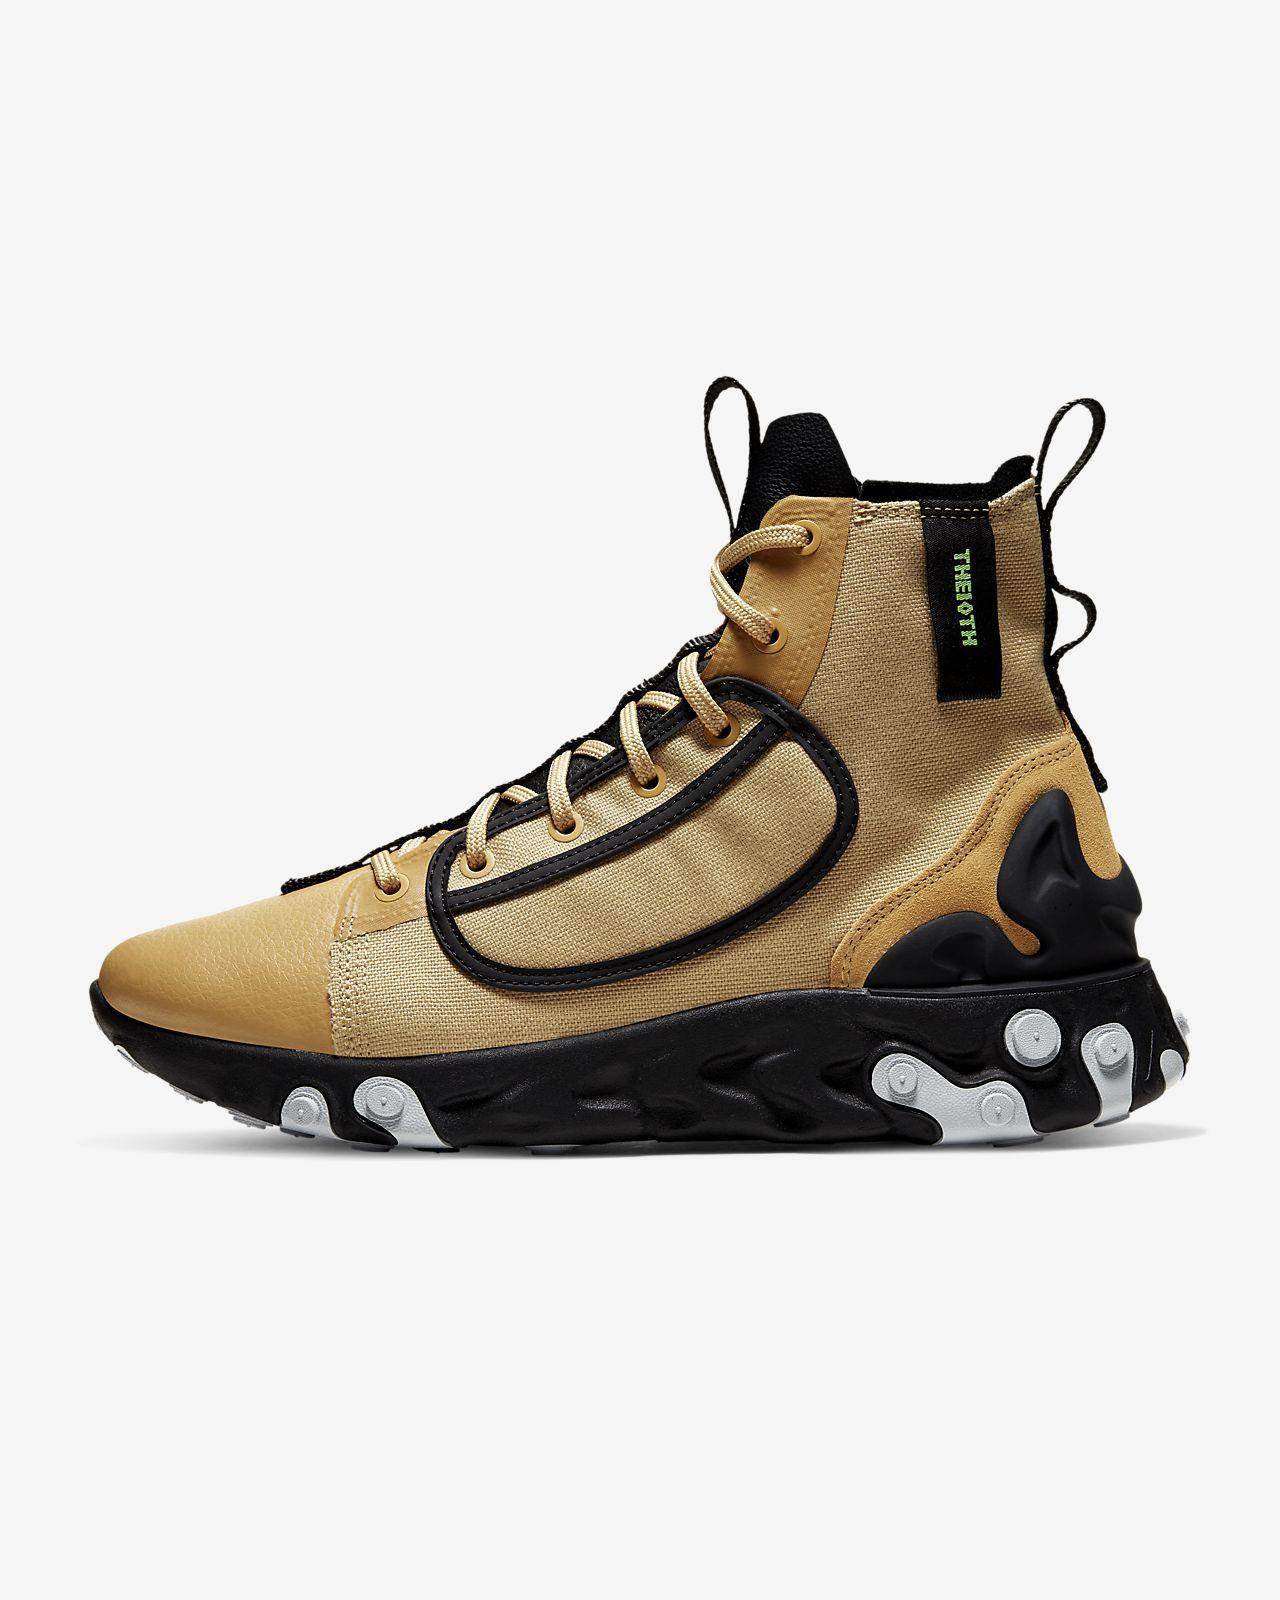 Sko Nike React Ianga för män